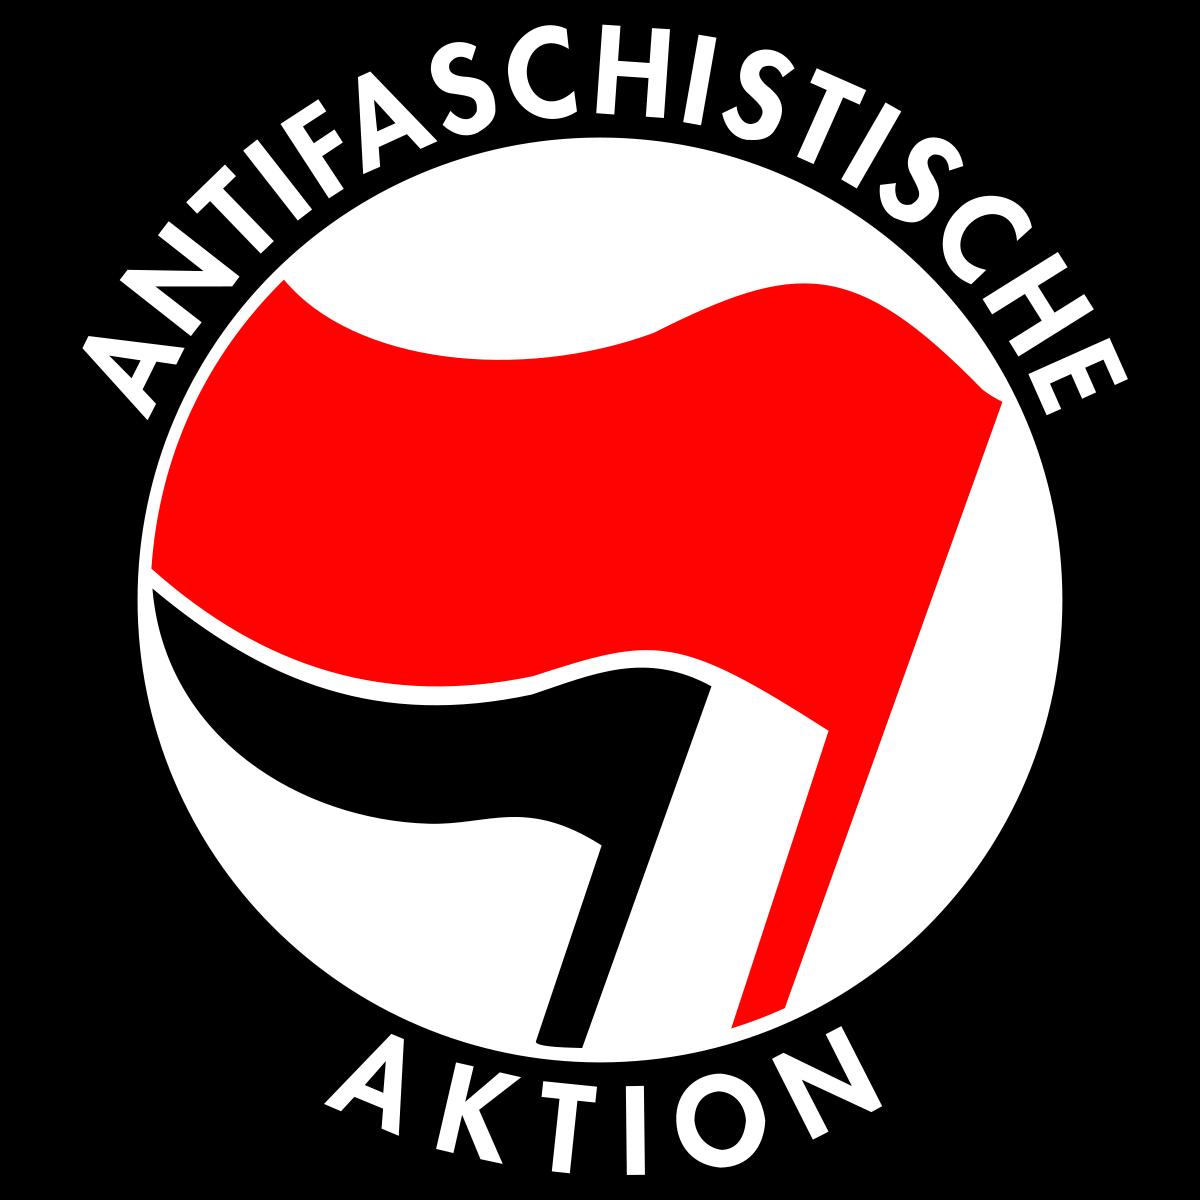 1200px-Antifasistische_Aktion_logo.svg.png